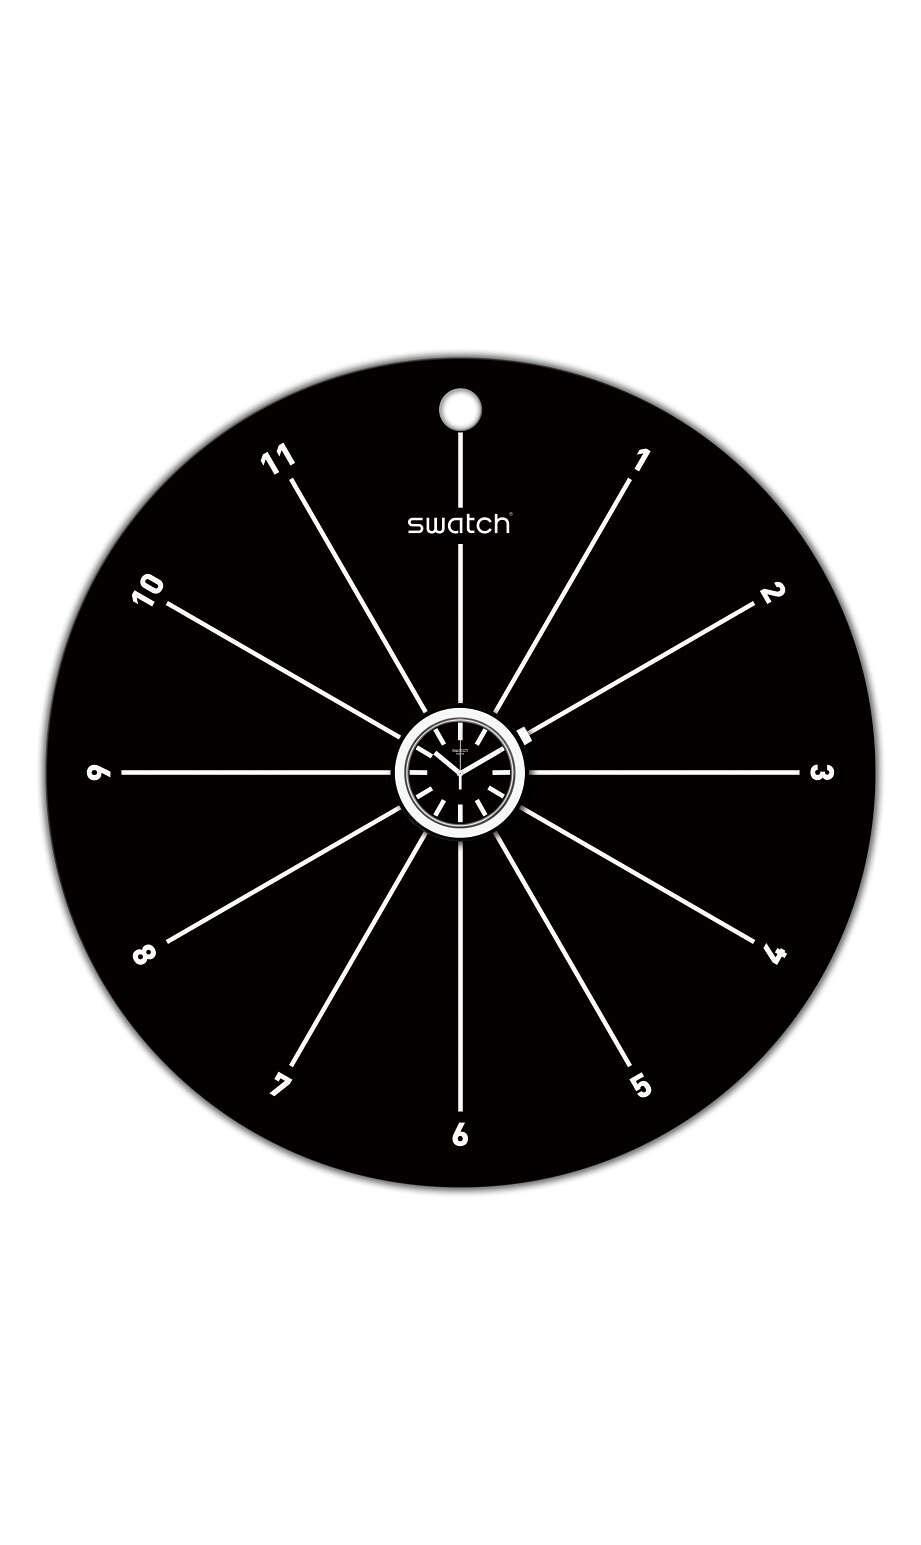 Swatch - POPWALLI BLACK - 1